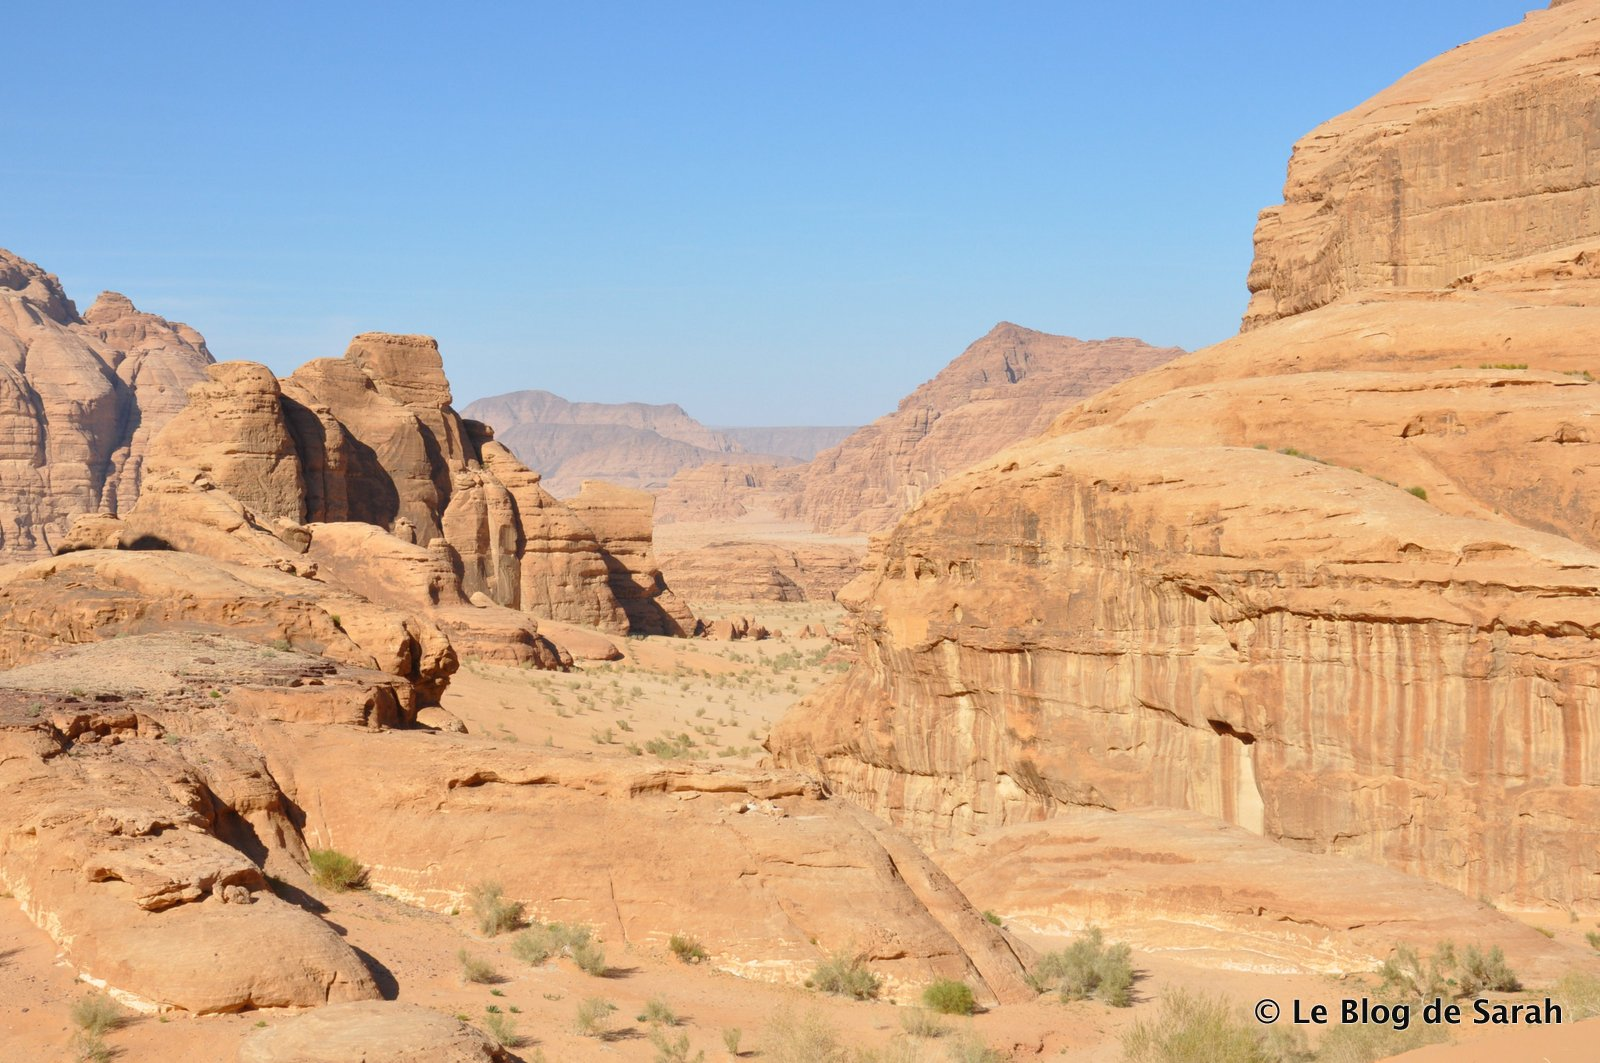 Le somptueux désert du Wadi Rum avec ses roches sculptées par l'eau et le vent